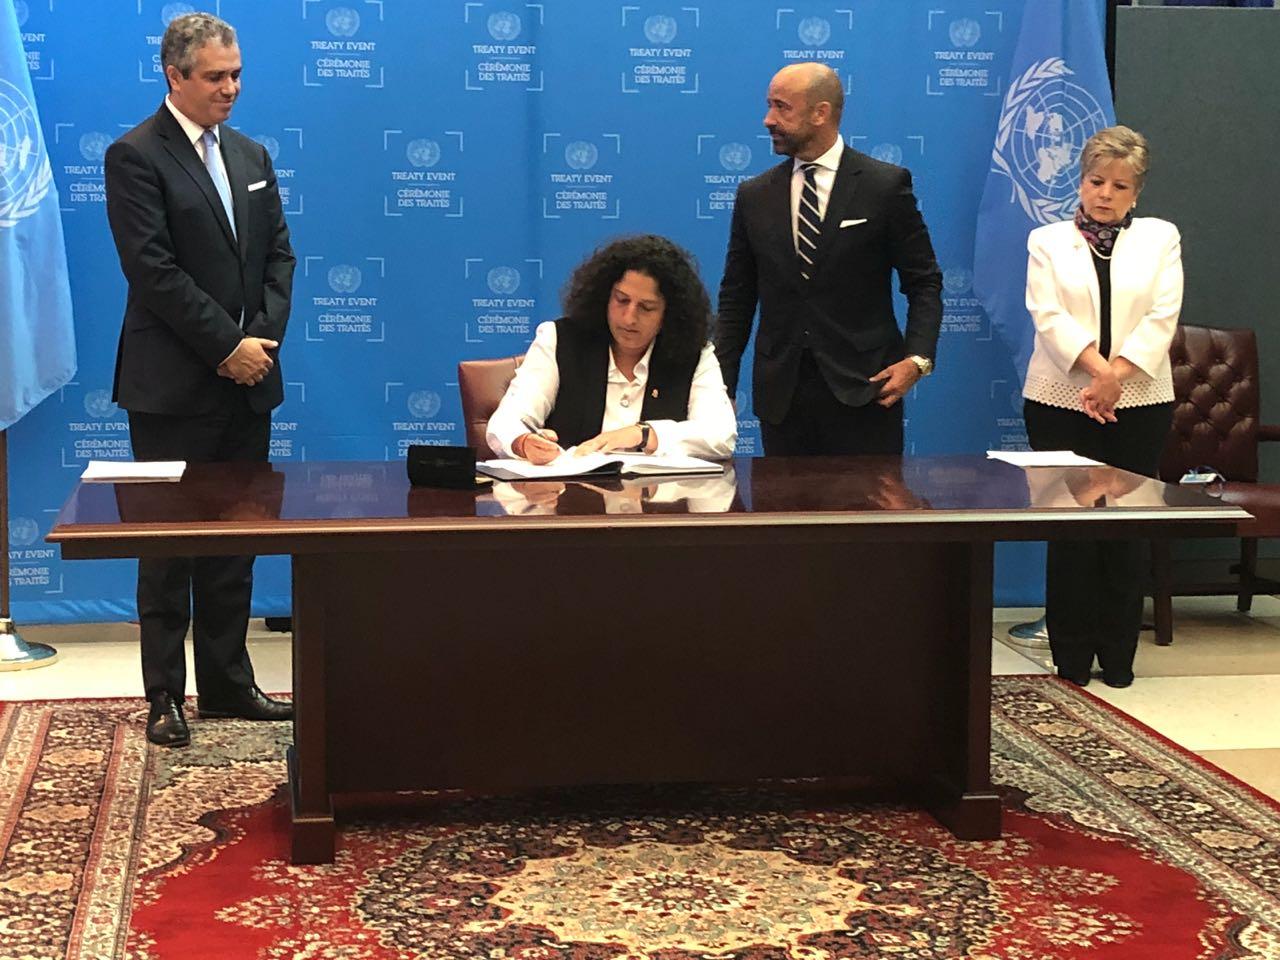 La ministra del Ambiente de Perú, Fabiola Muñoz, durante la firma del Acuerdo de Escazú. Foto: CEPAL.